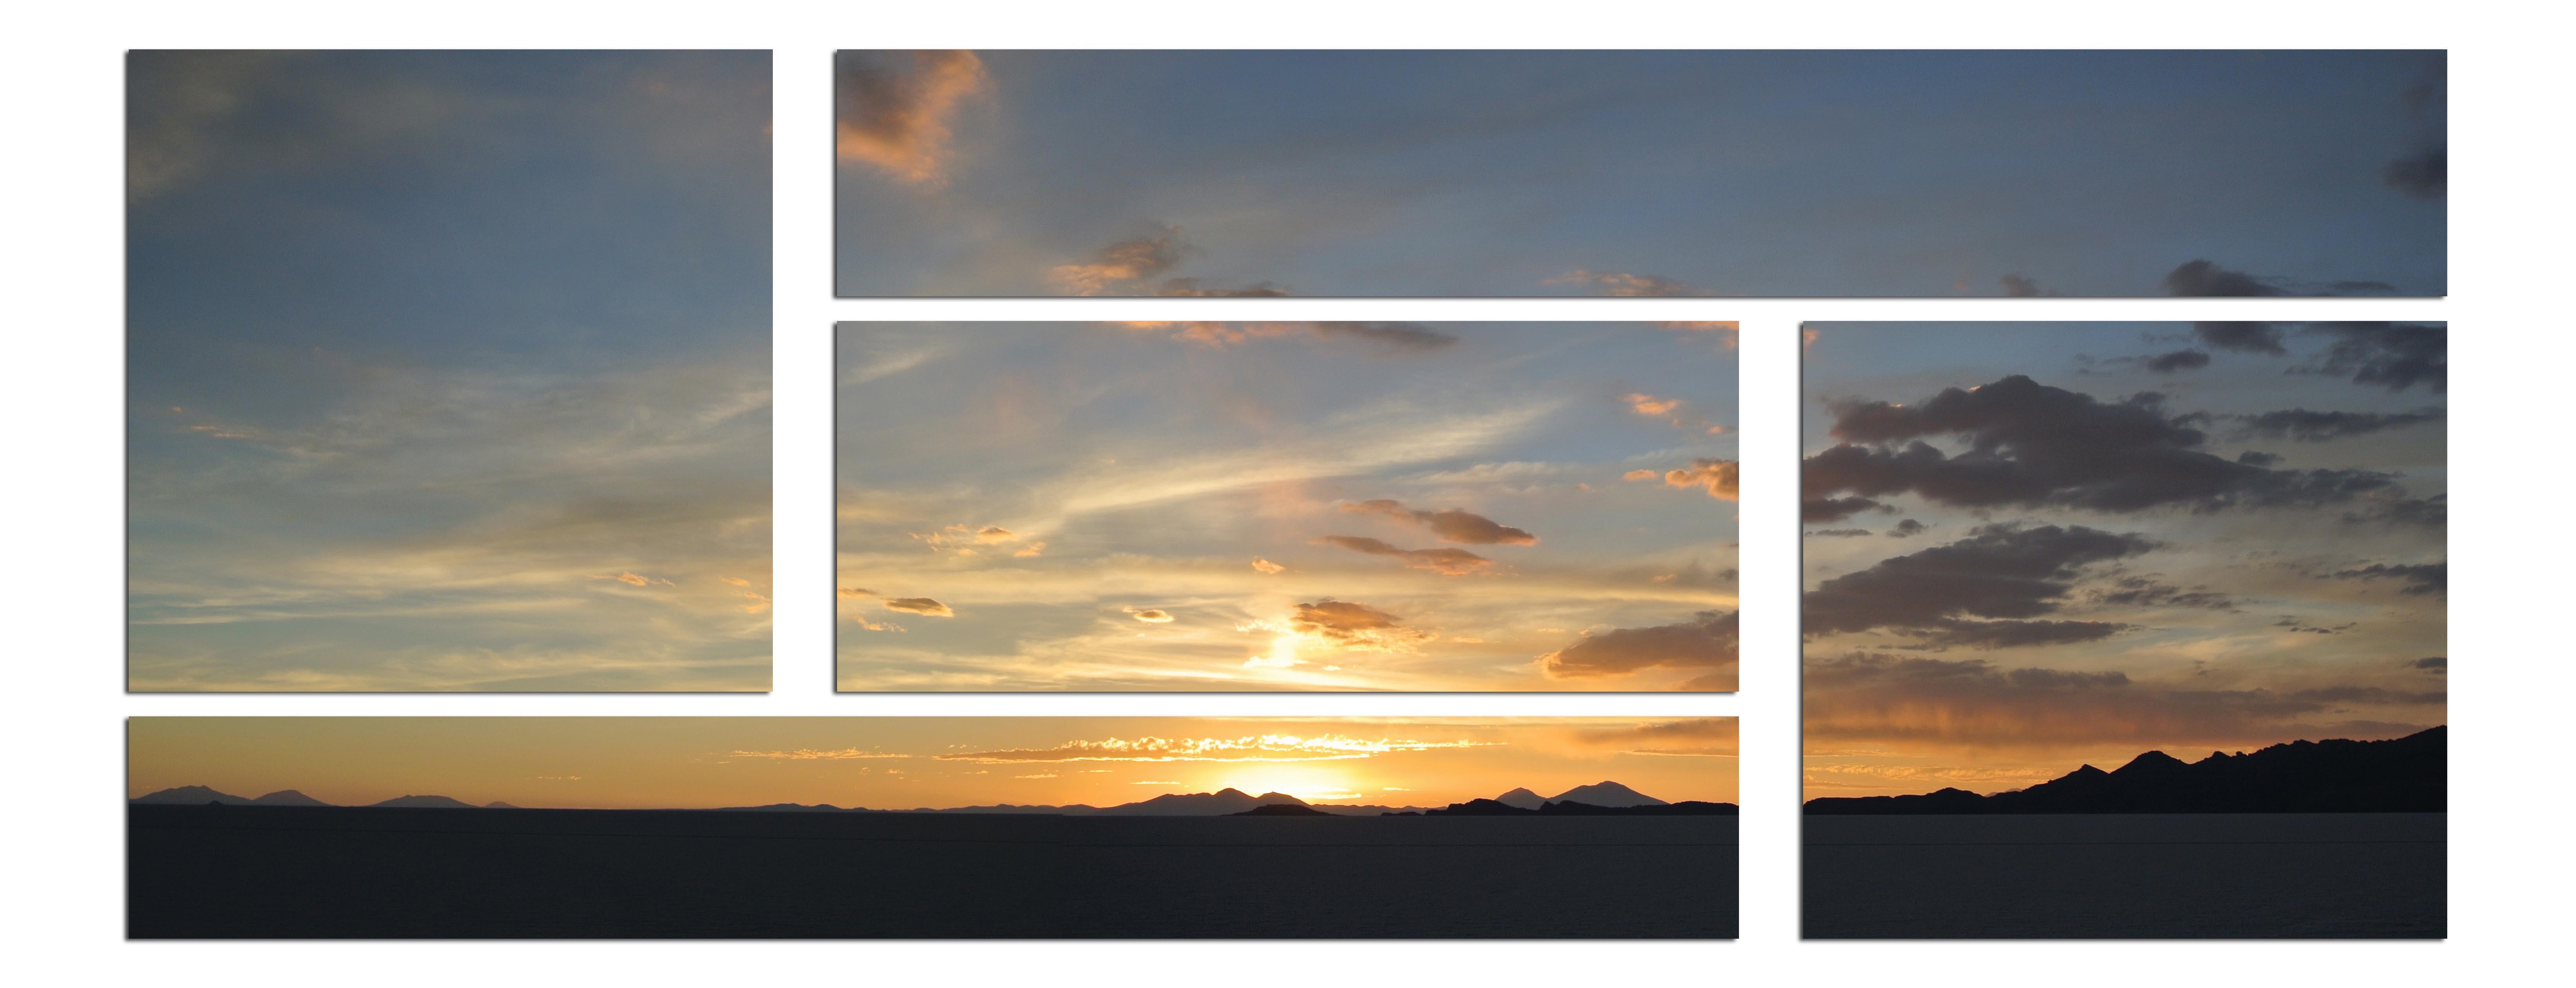 035 1410 Salar de Uyuni Tag 1 2jpeg